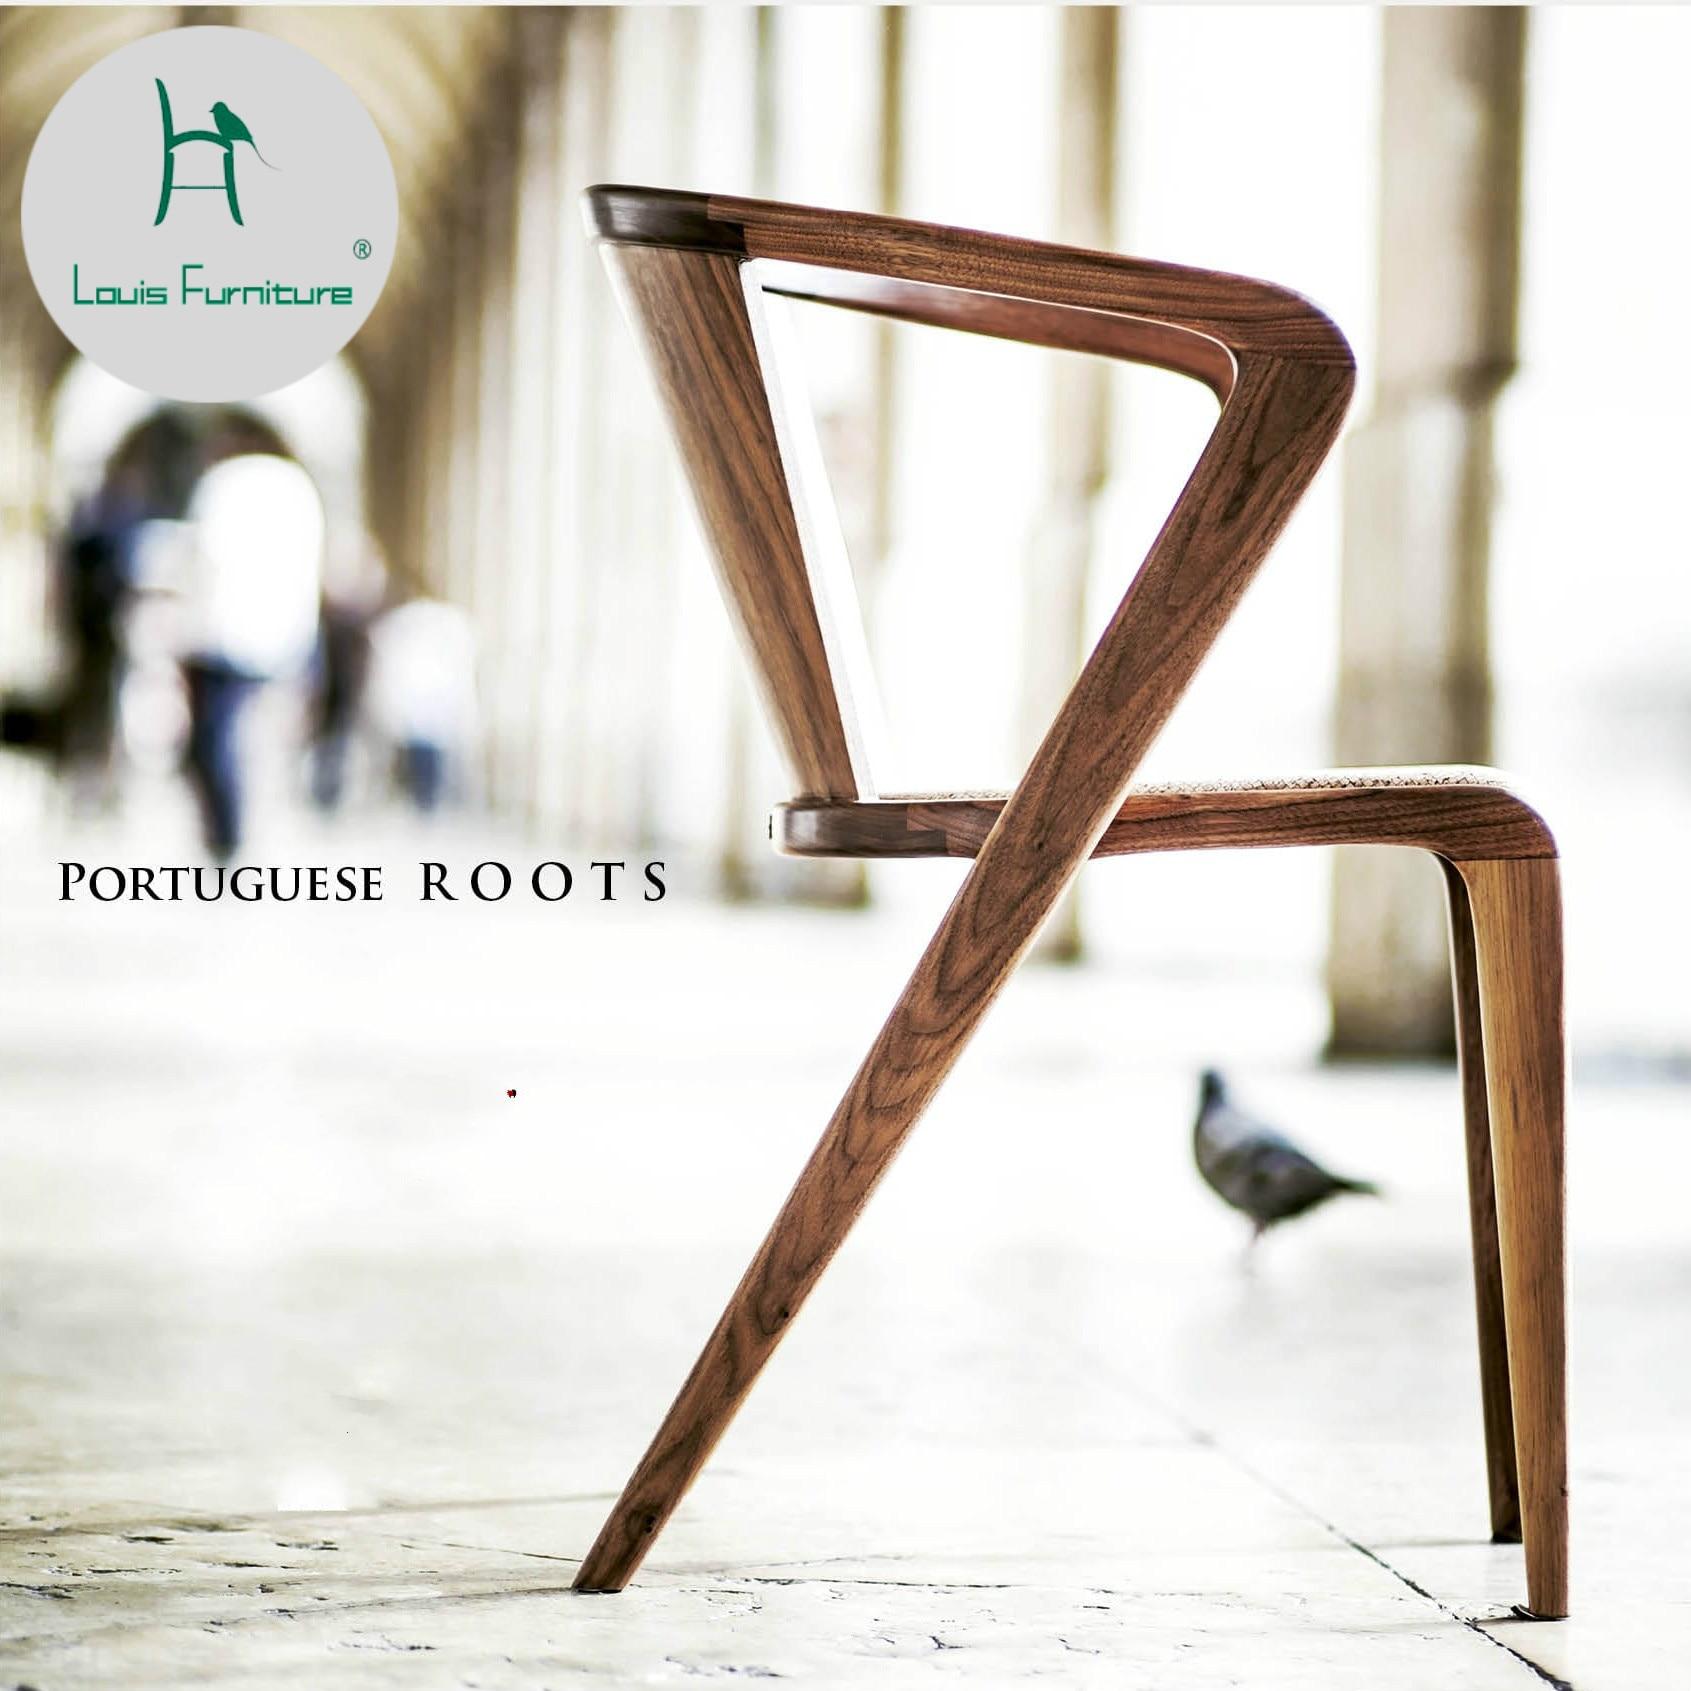 Луи модный обеденный стул из цельного дерева с задней частью современный простой Американский отдых обсуждение Кофейня скандинавский|Обеденные стулья|   | АлиЭкспресс - Отслеживание цены на алиэкспресс